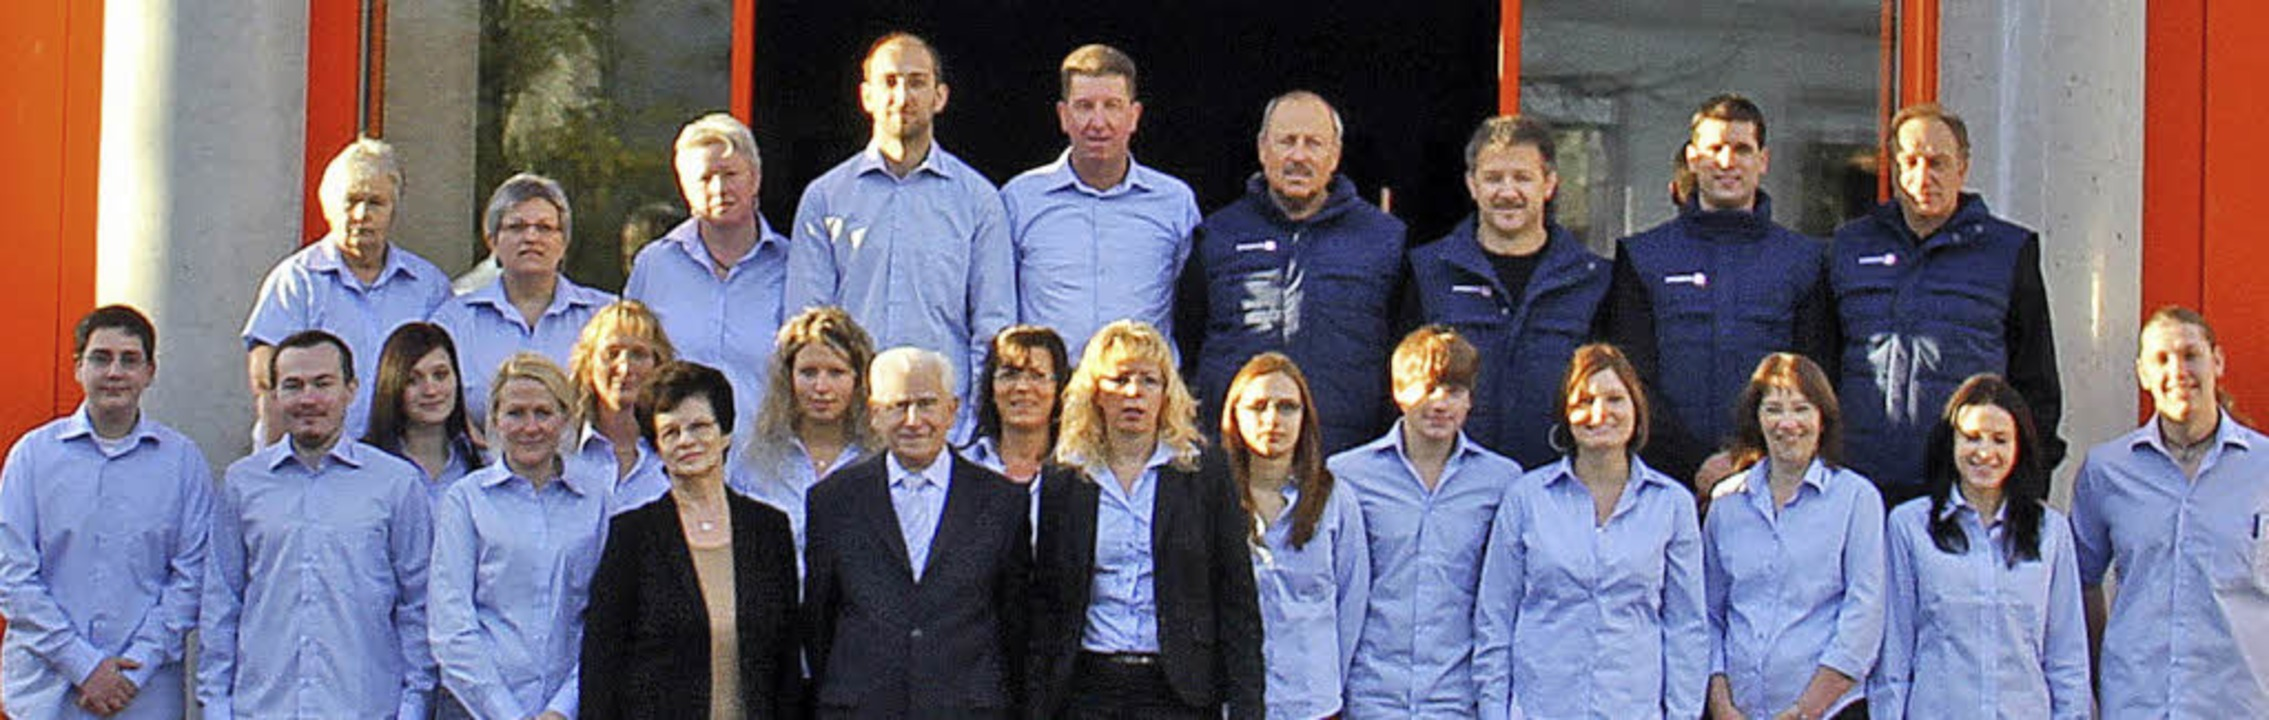 Das Team von Expert Villringer; stolz ...die neue TV- und Soundsystemabteilung.    Foto: Expert Villringer / Silke Hartenstein